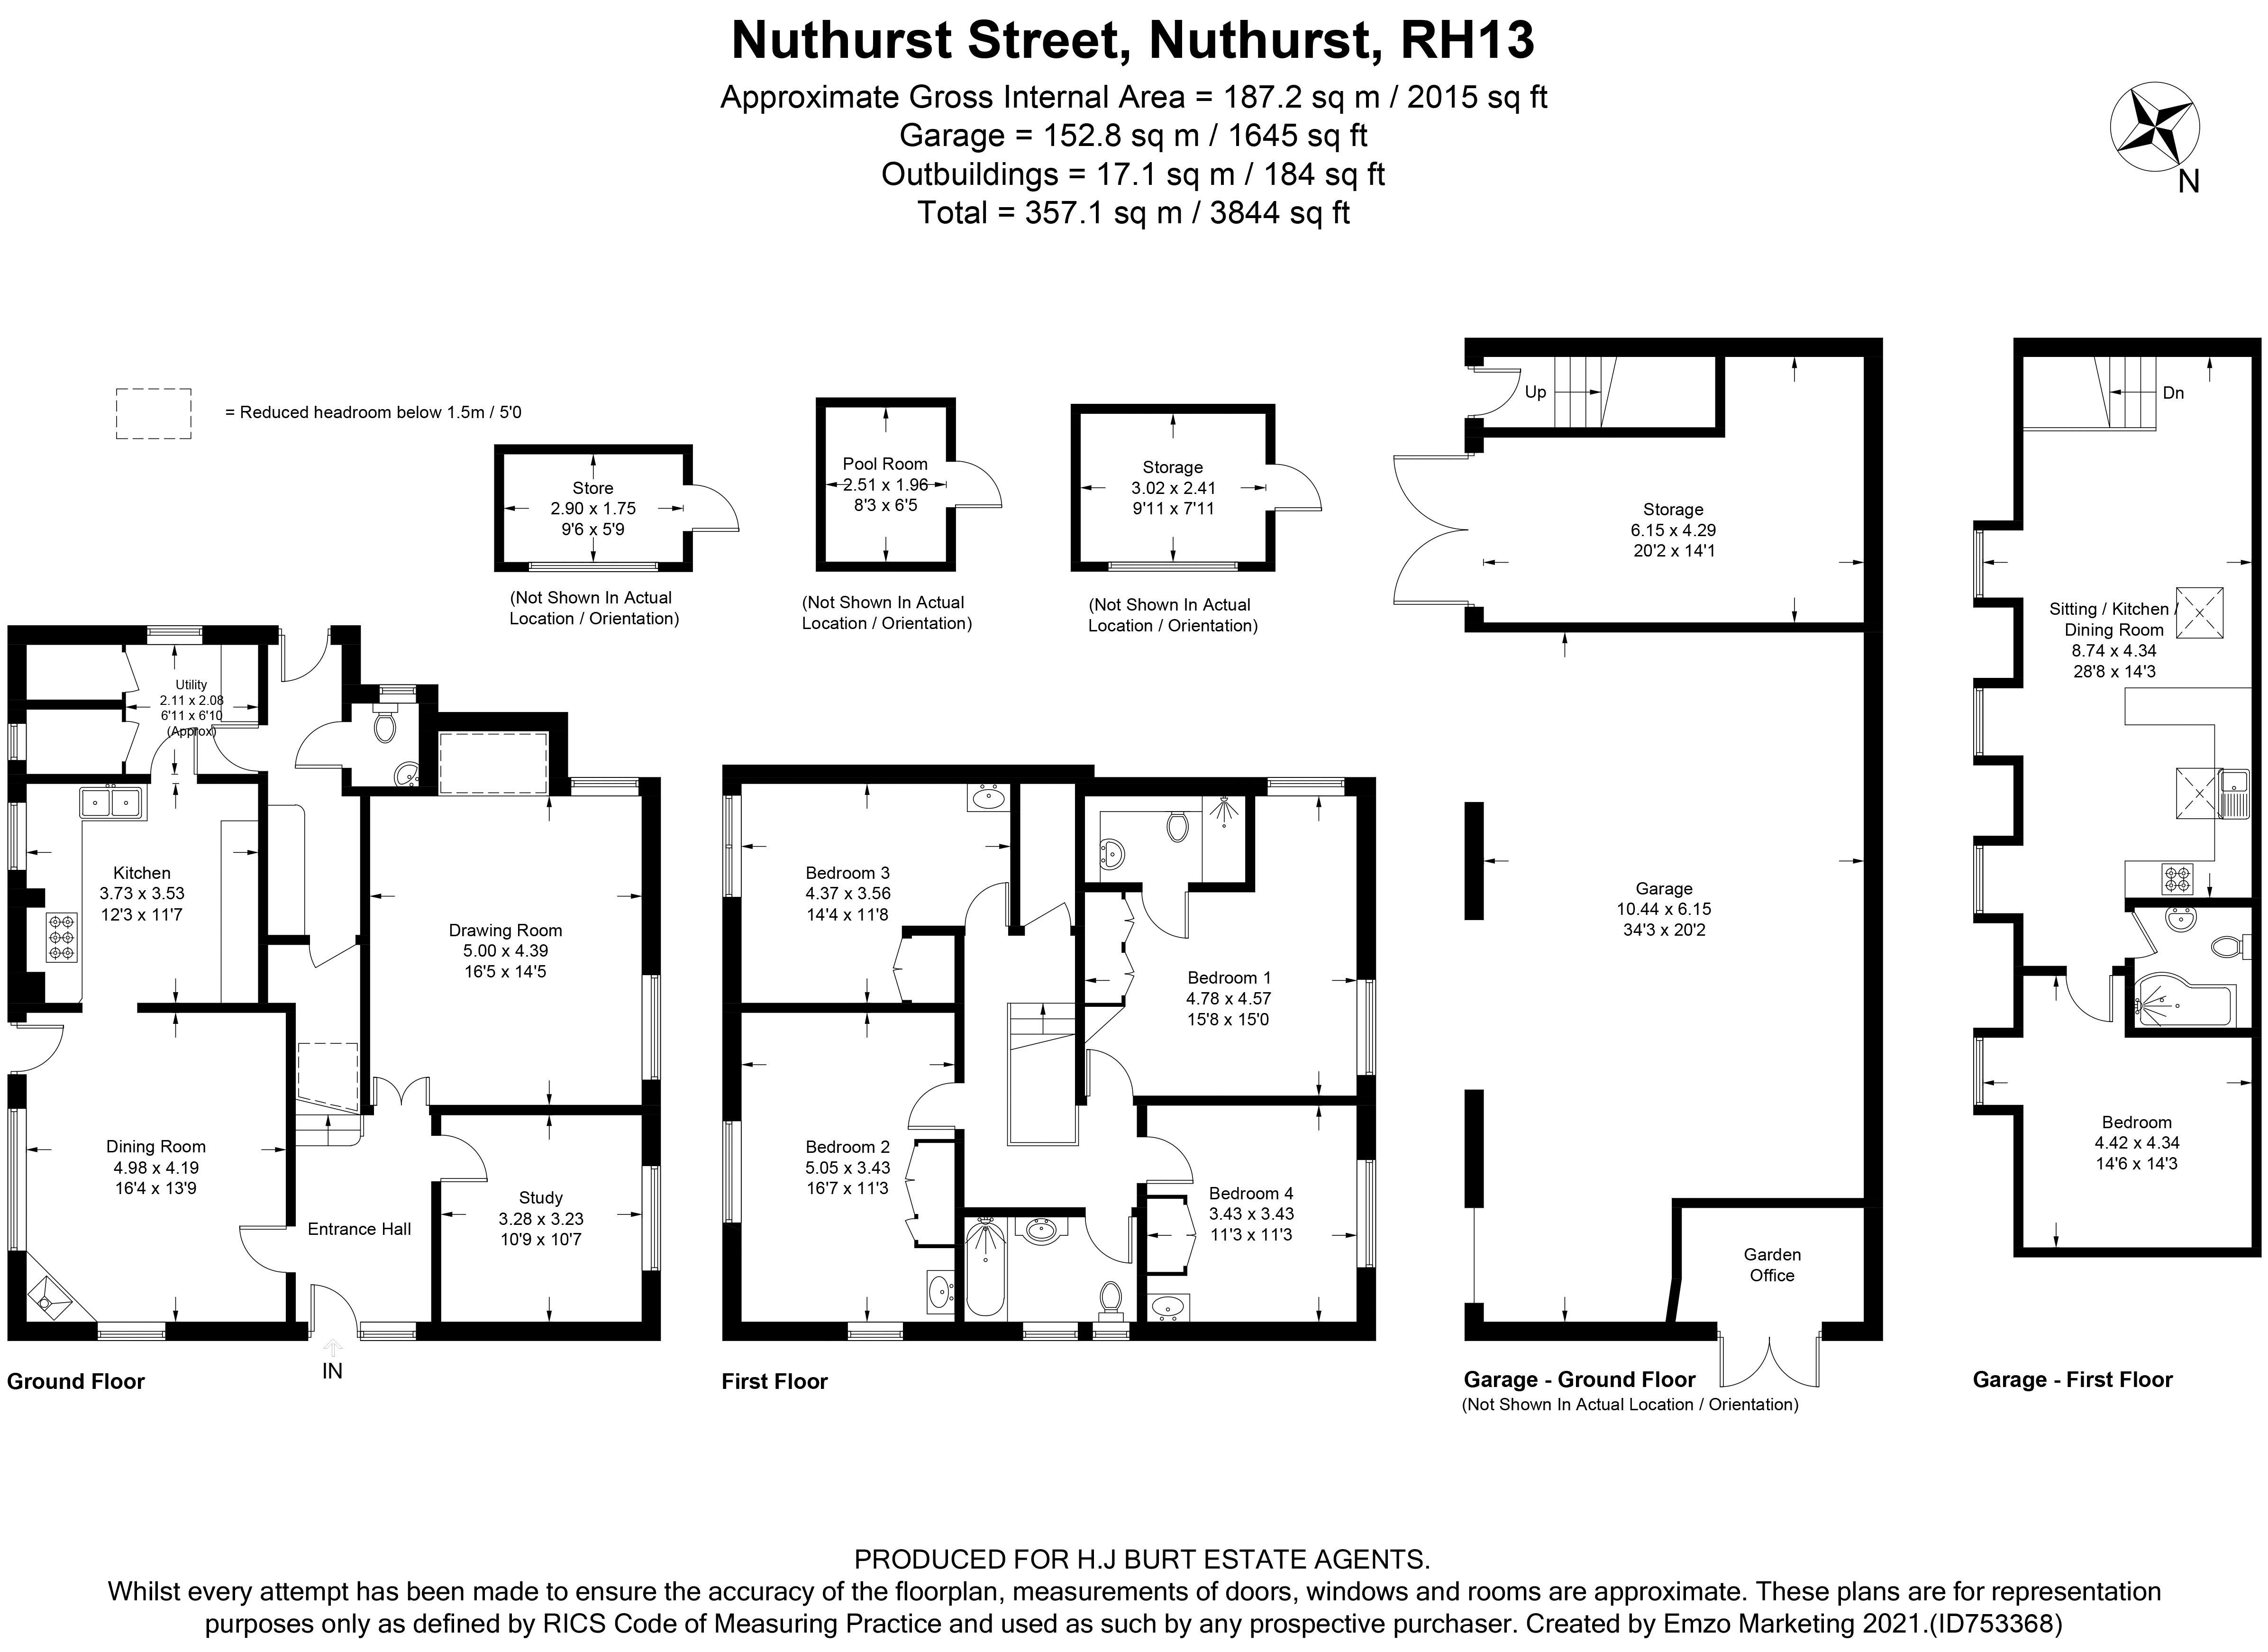 Nuthurst Street Nuthurst